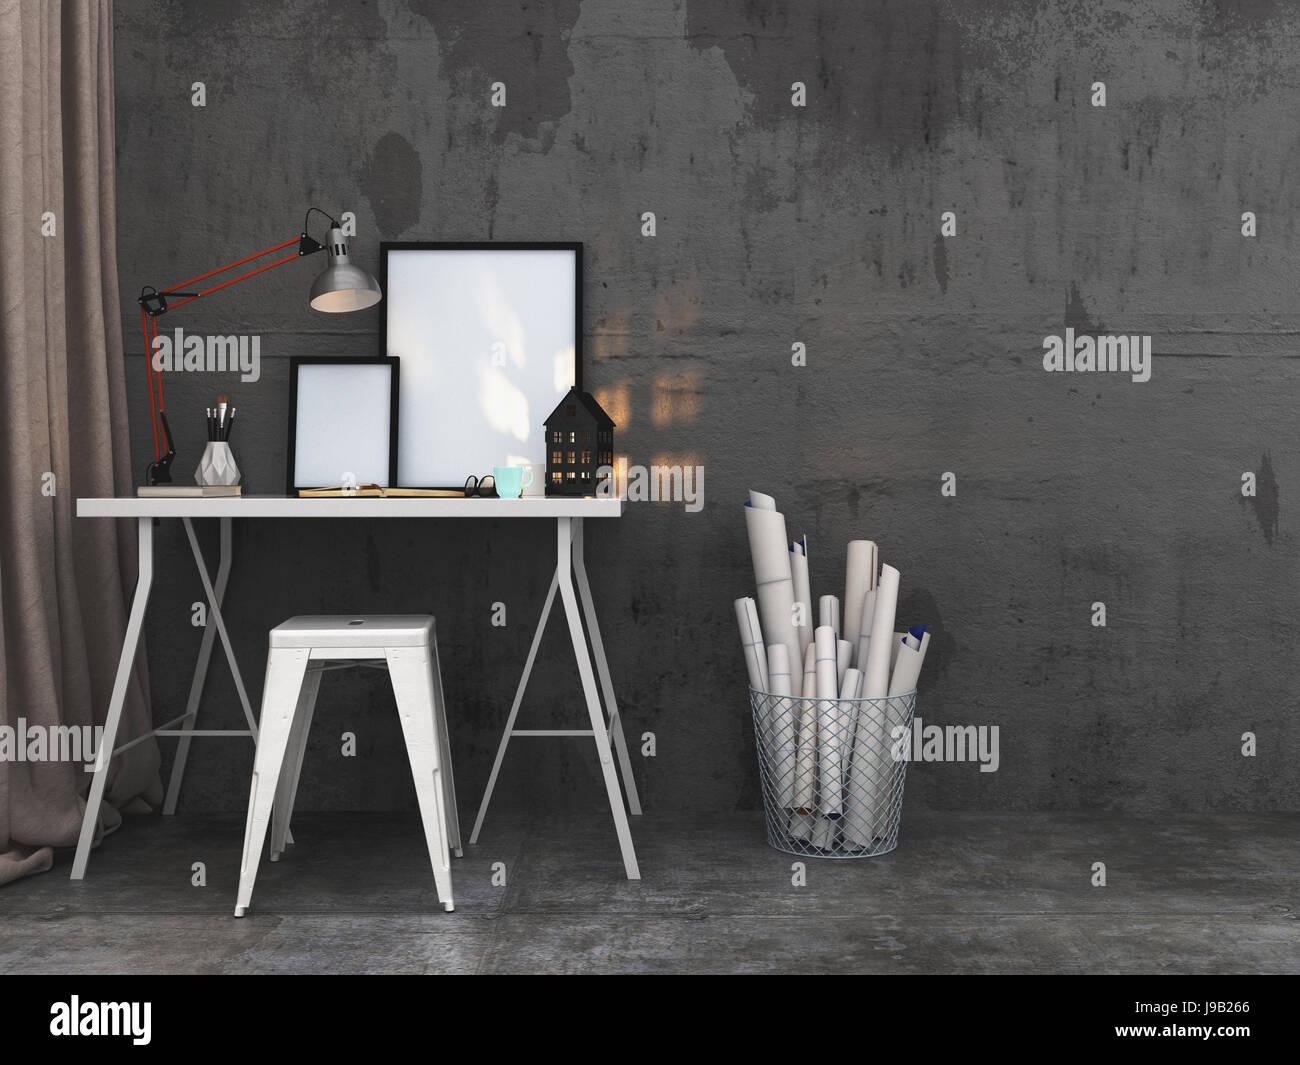 Einfachen Schreibtisch mit leeren Bilderrahmen und eine brennende ...